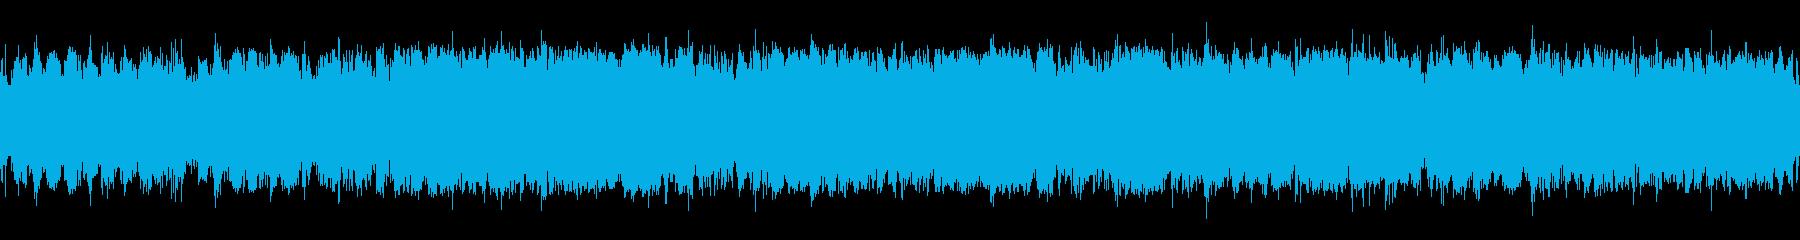 爽やかピアノメイン(ループ仕様/長め)の再生済みの波形